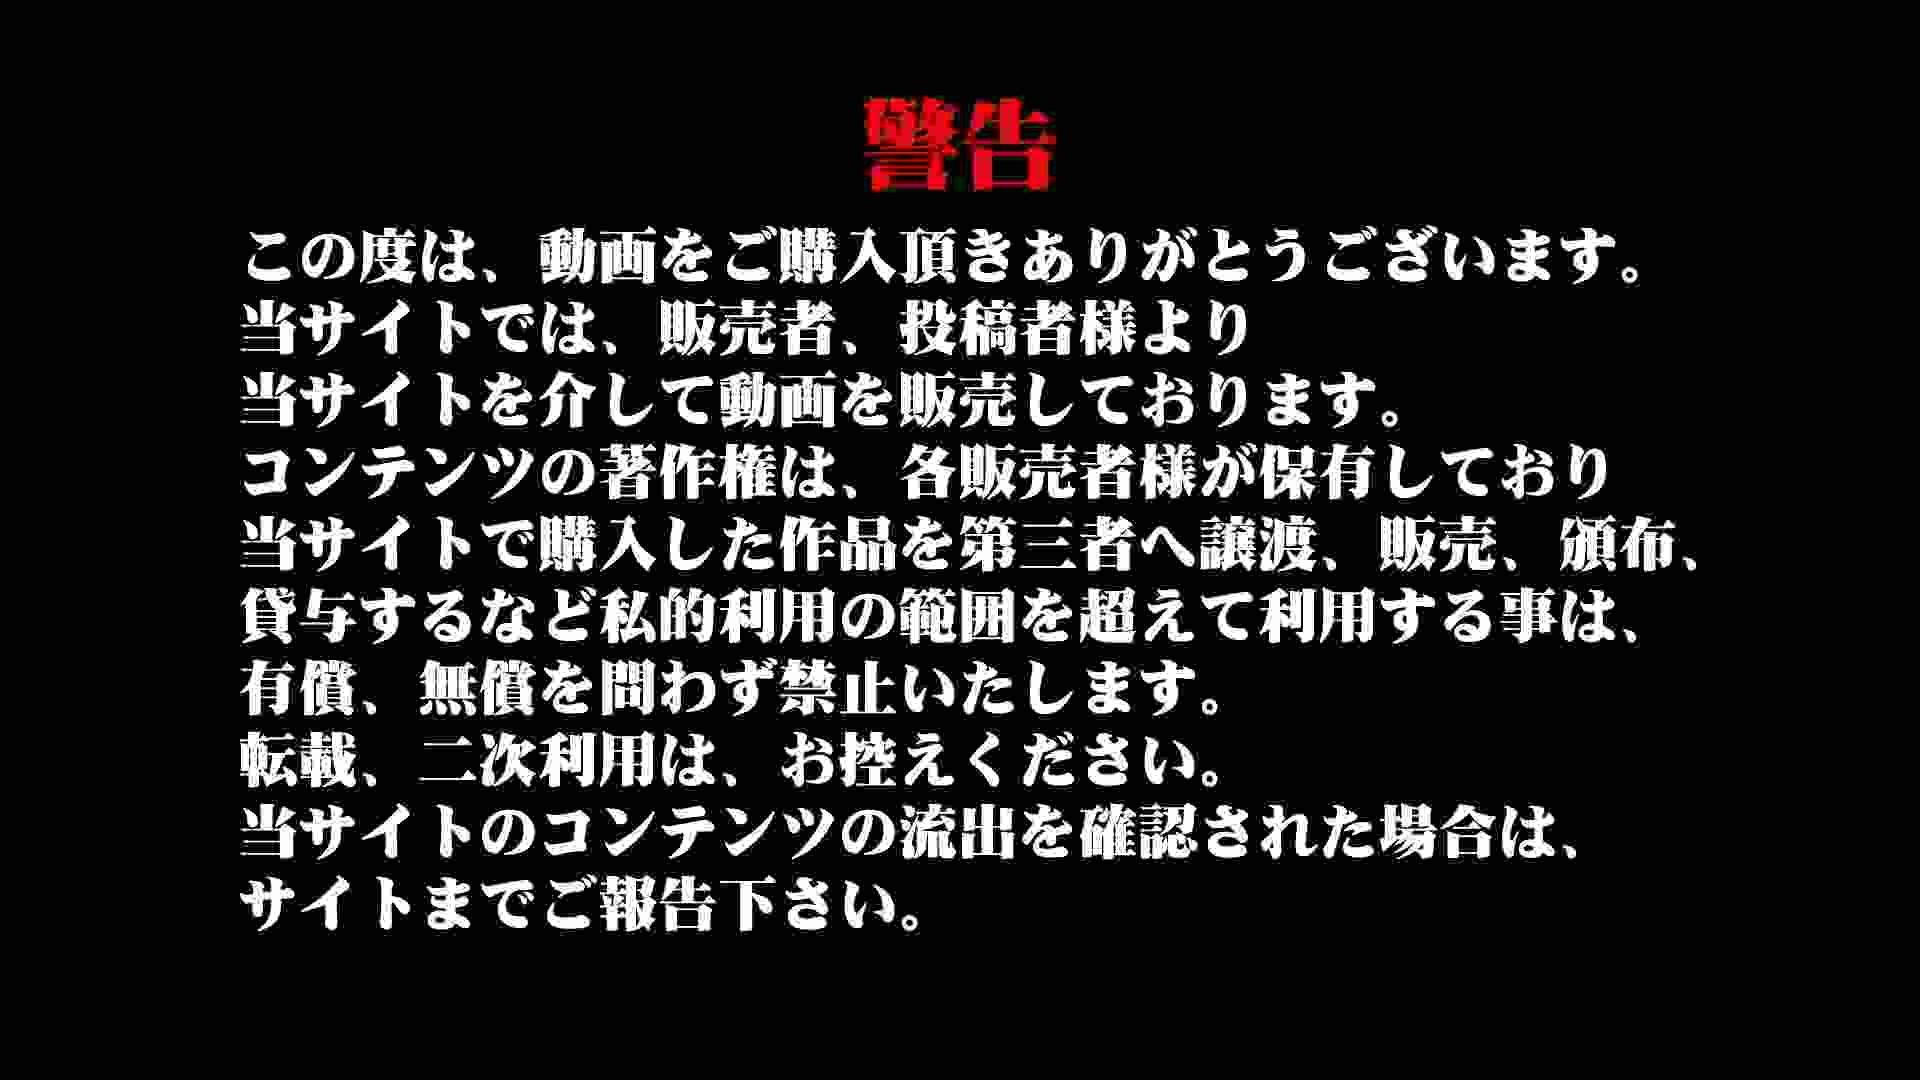 Aquaな露天風呂Vol.895 盗撮動画 | 露天風呂  9枚 3